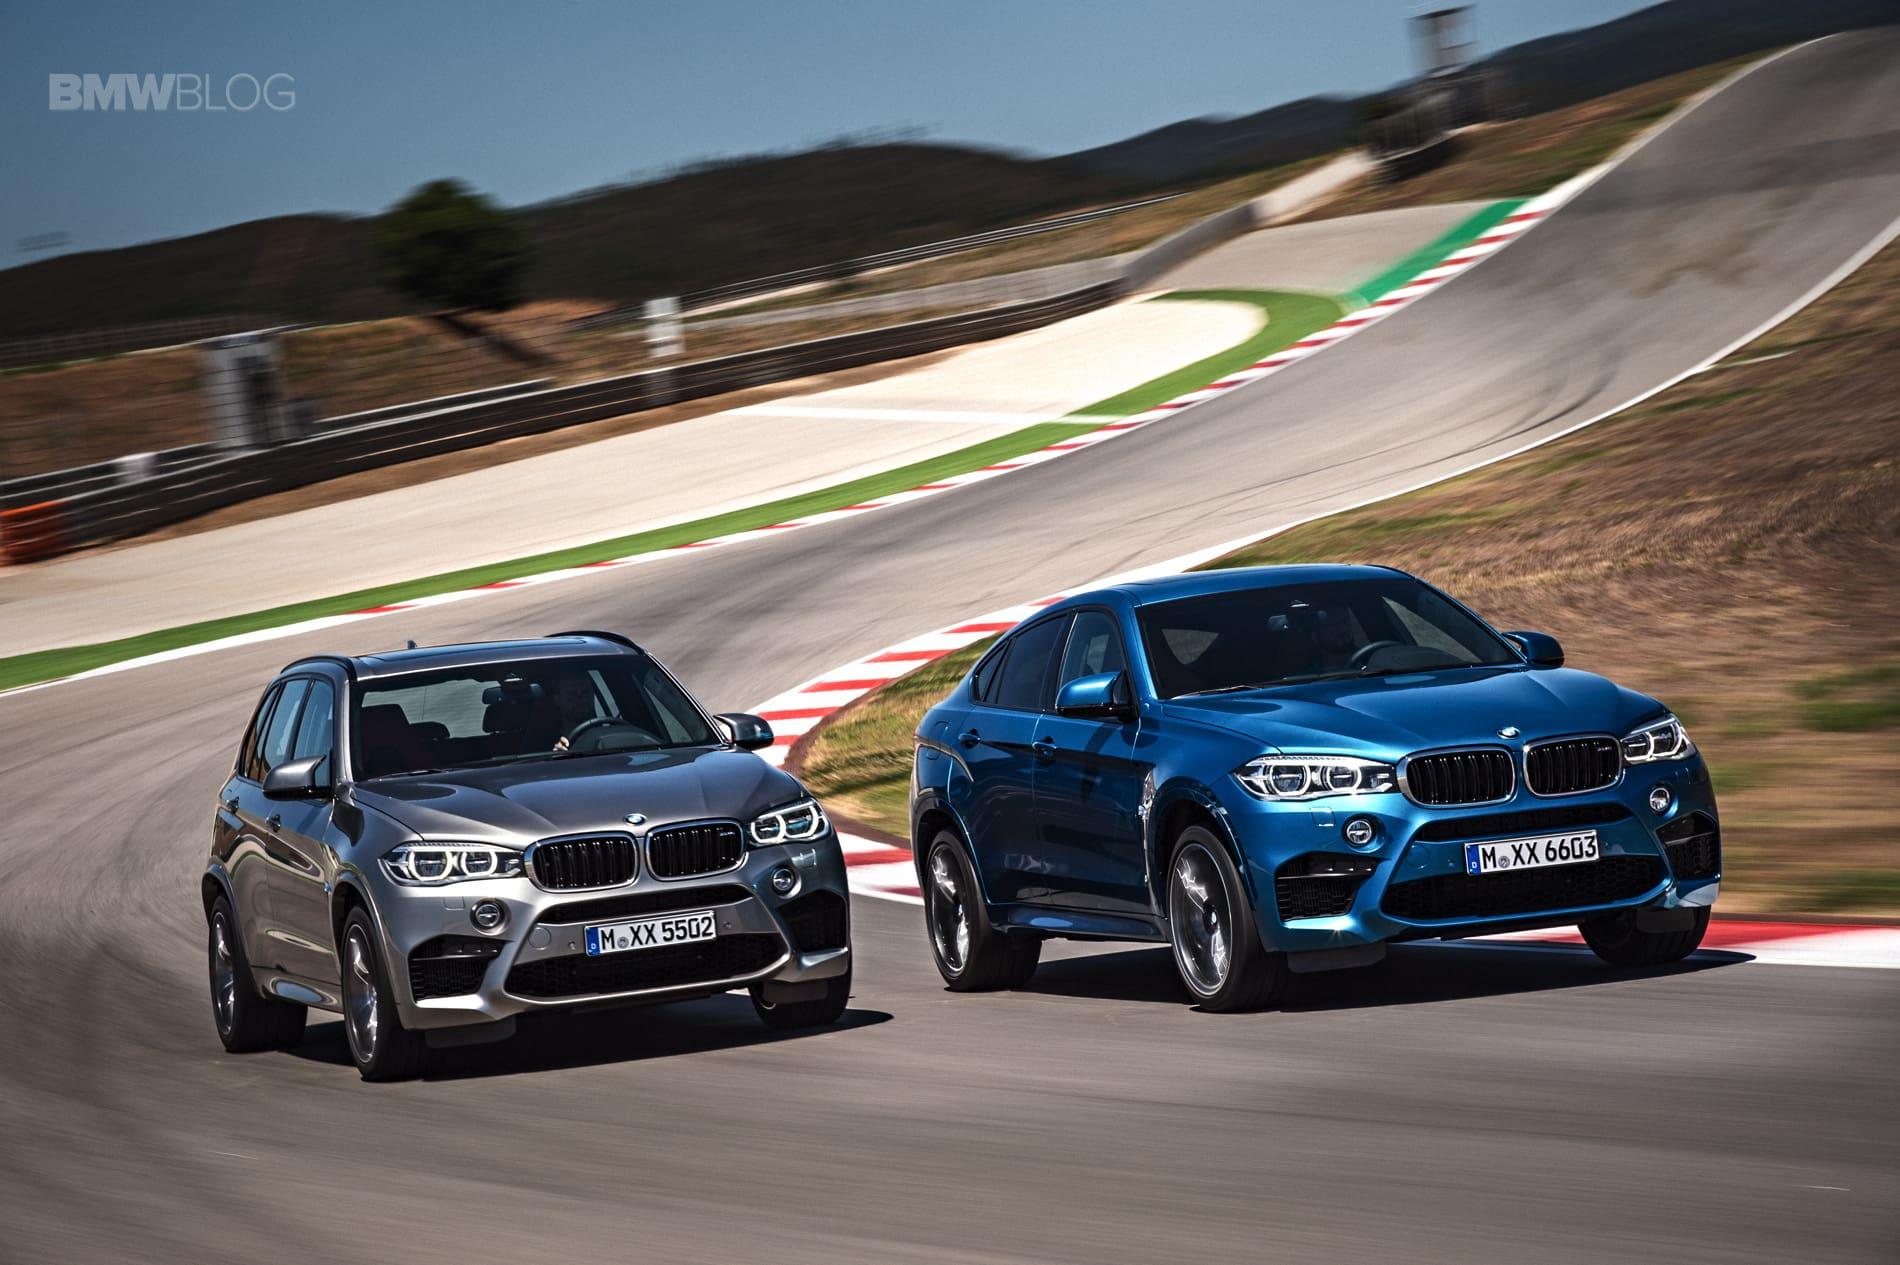 Duo Maut BMW Seri M Akan Segera Hadir di Indonesia